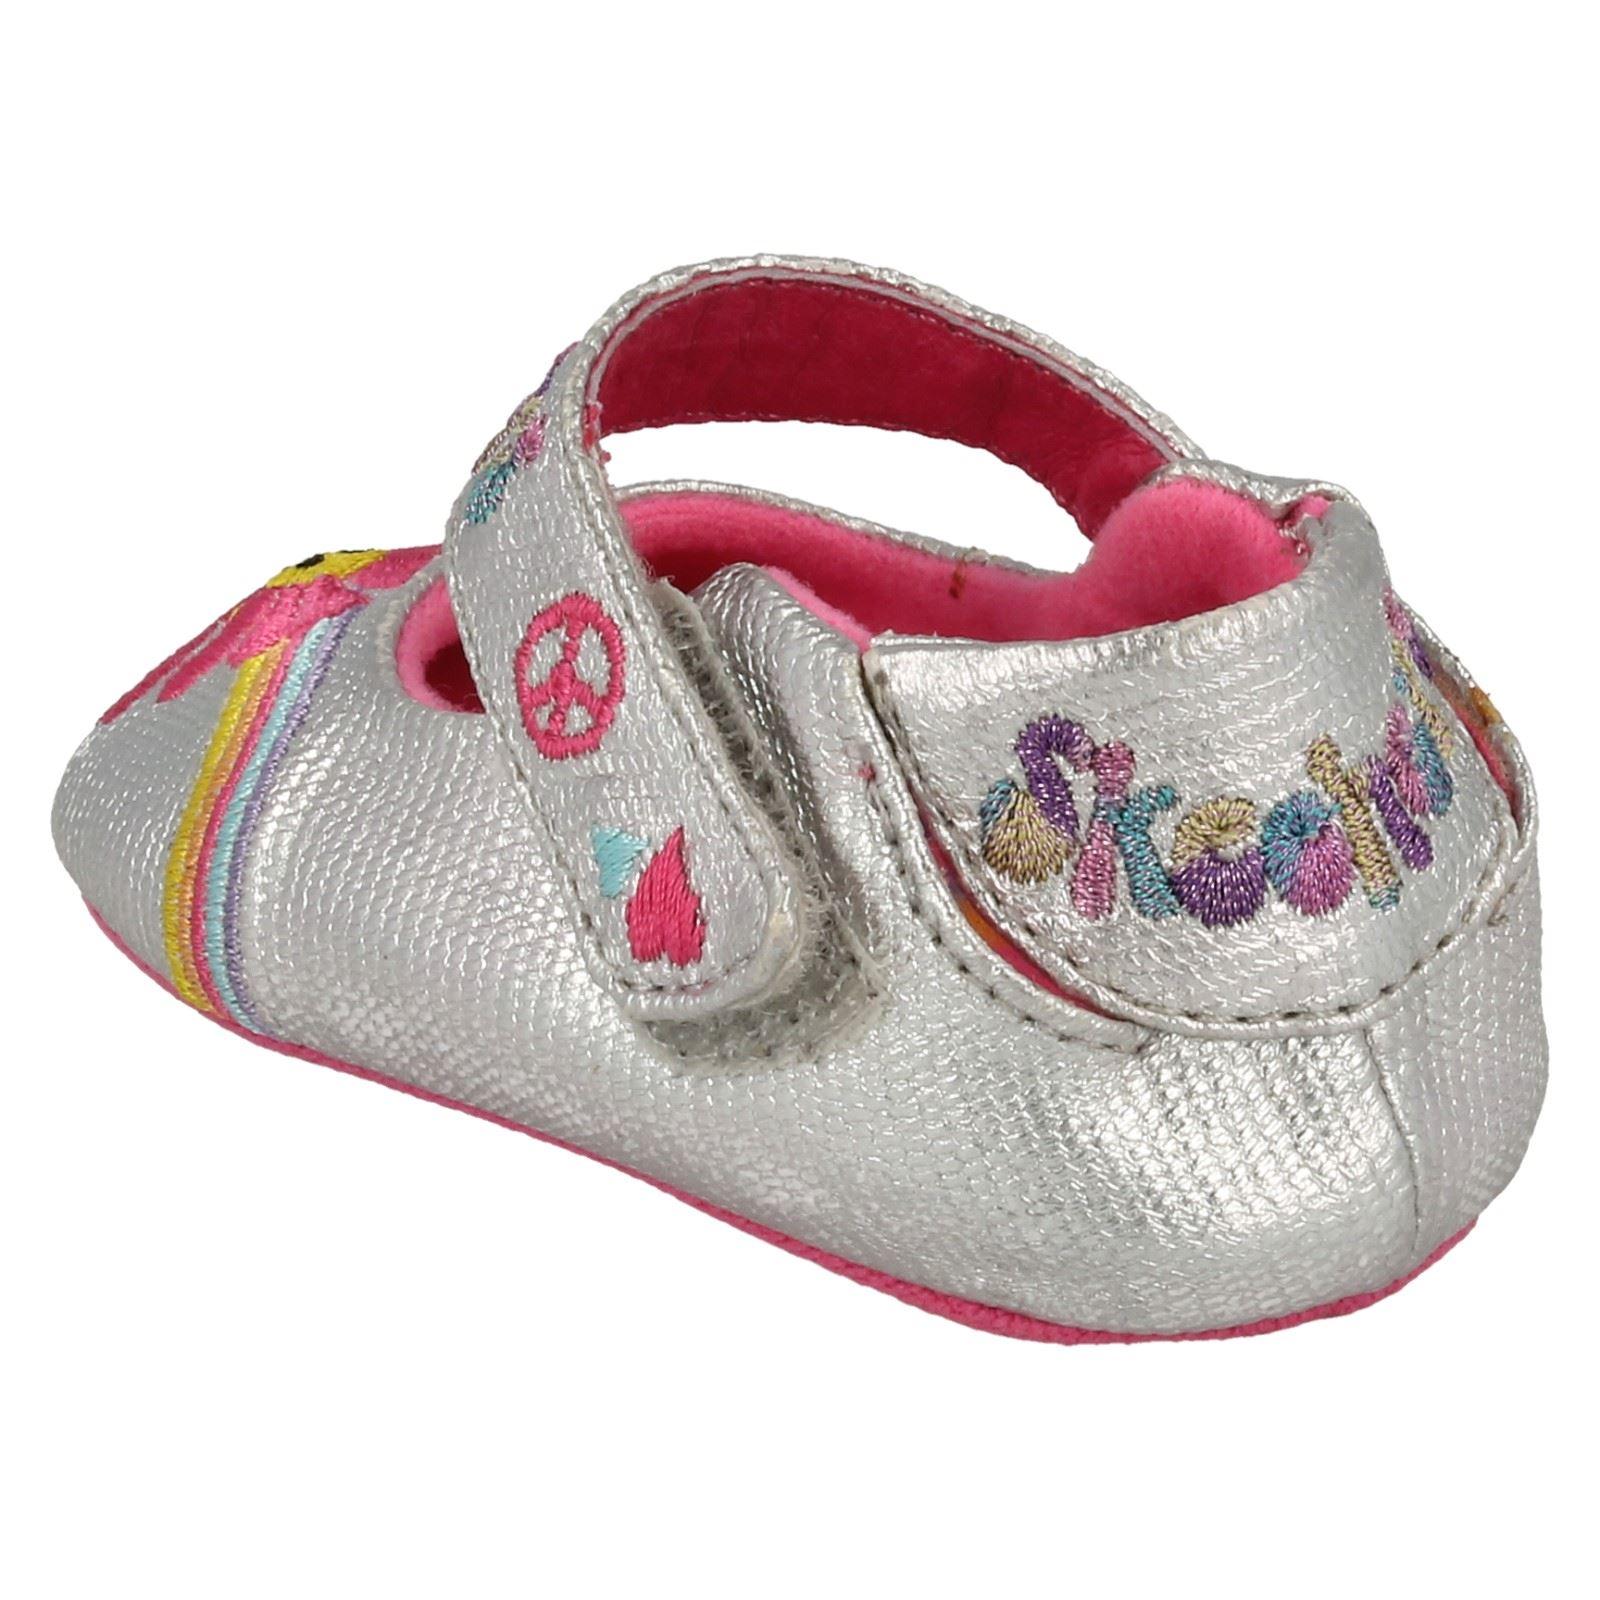 Kleinkinder Baby Mädchen Skechers Textil Haken Schlaufe Babyschuhe